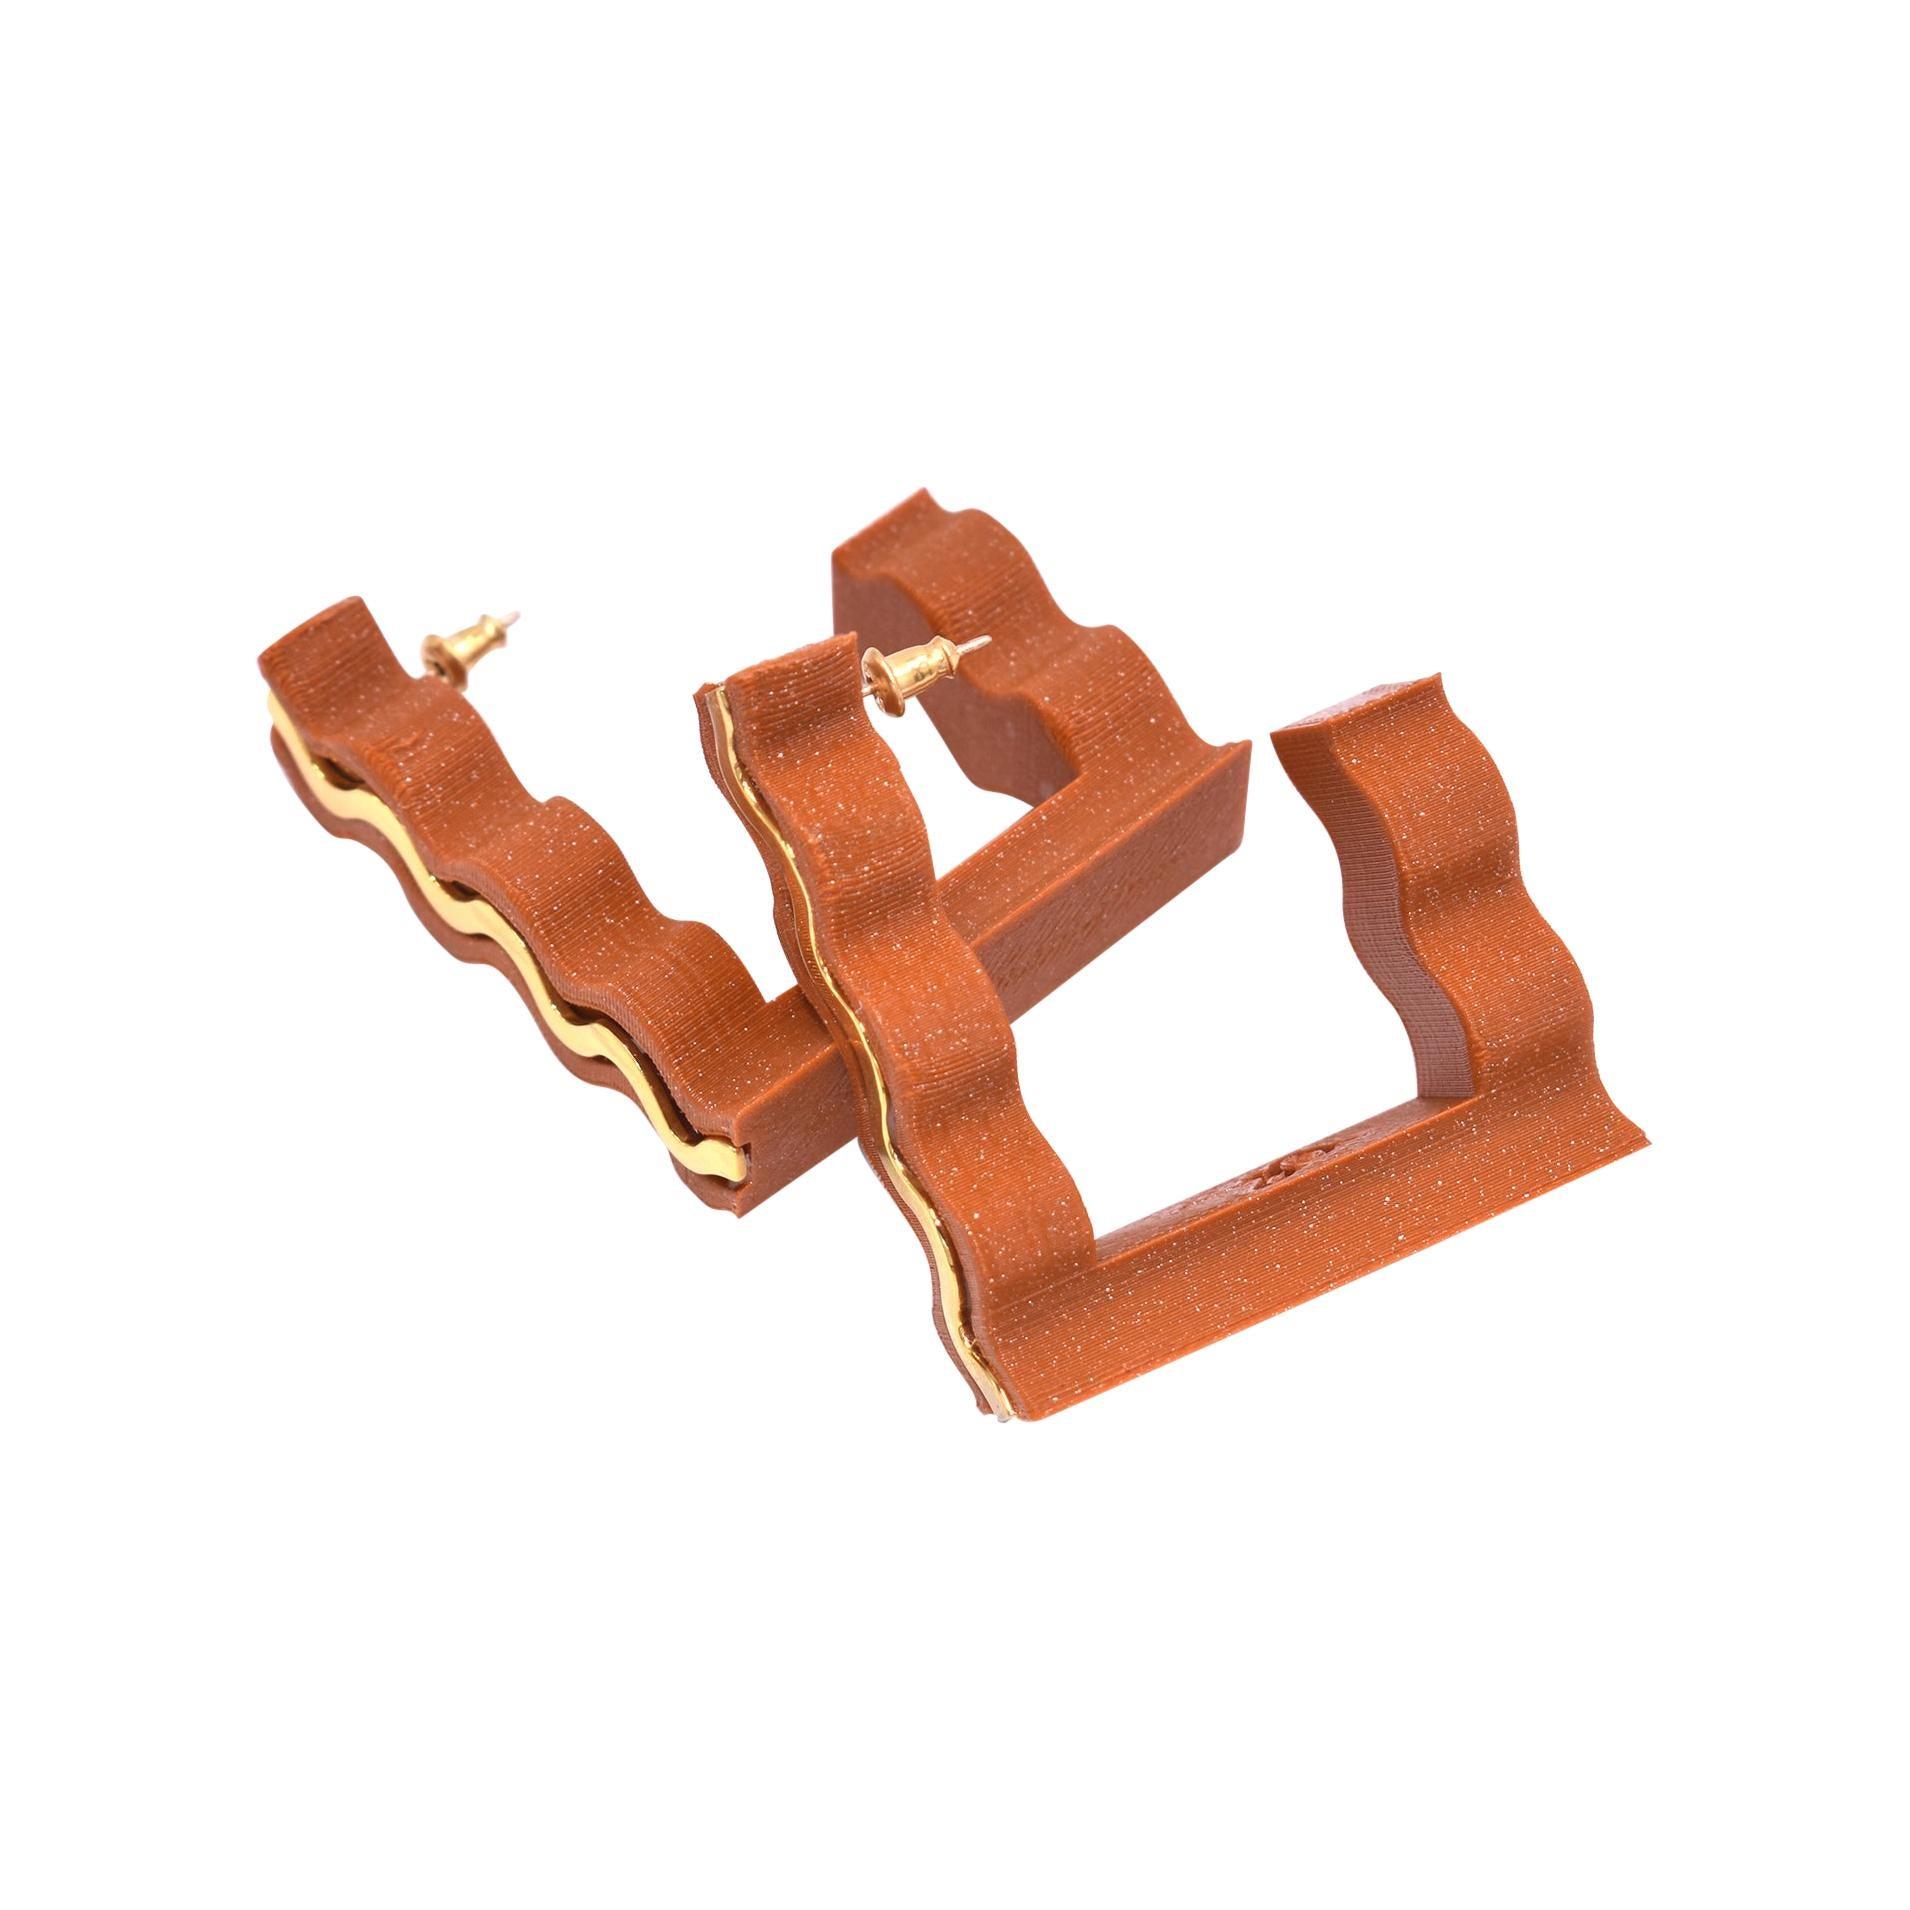 3d Printed Mirage Hoop Earrings Yam